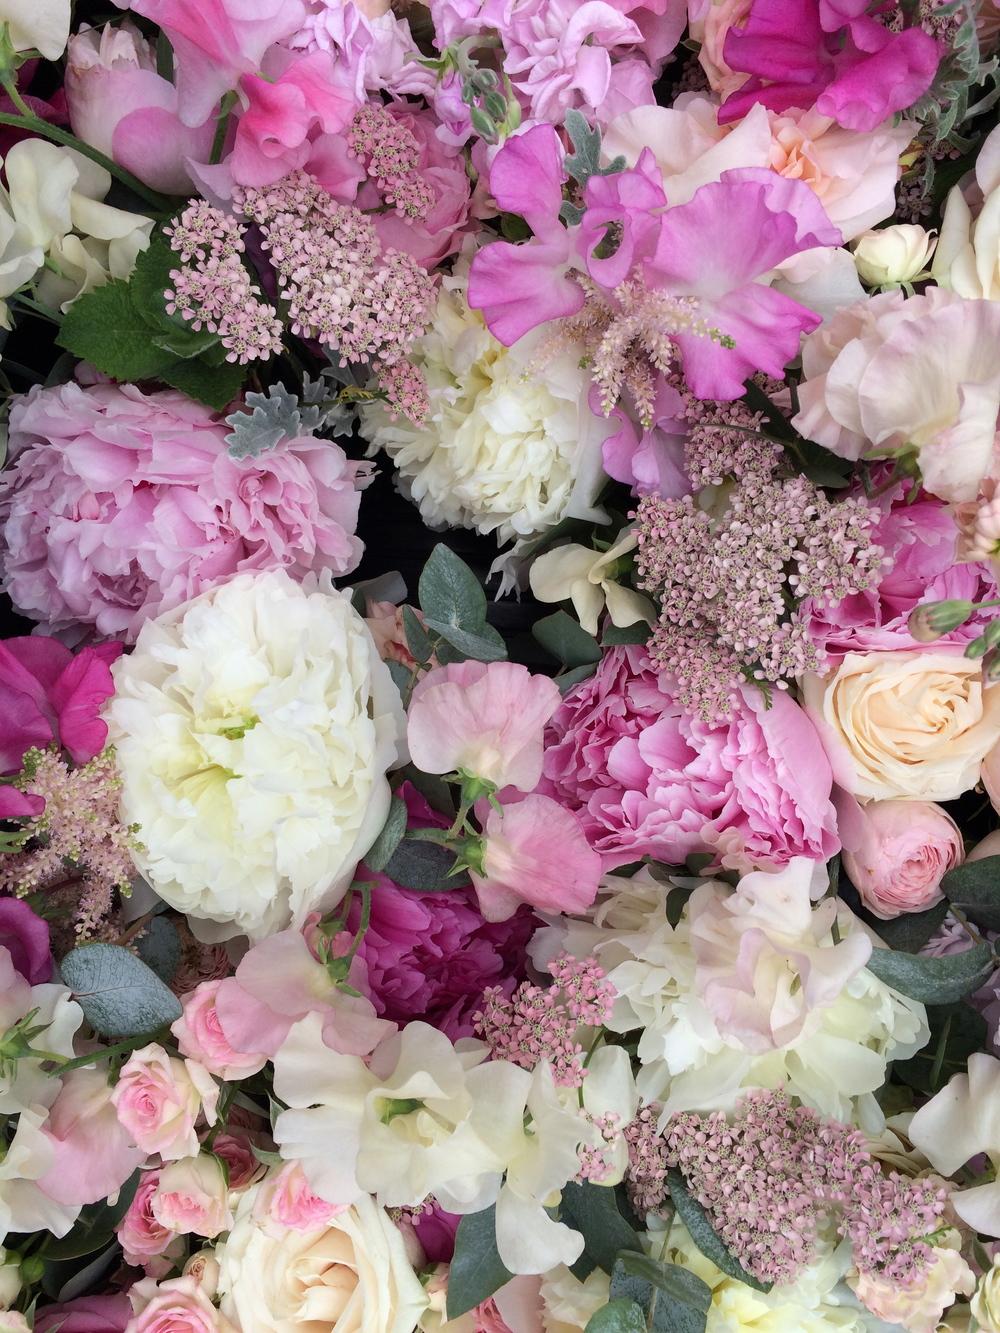 Sweet Peas, Peonies, Roses & Achillea